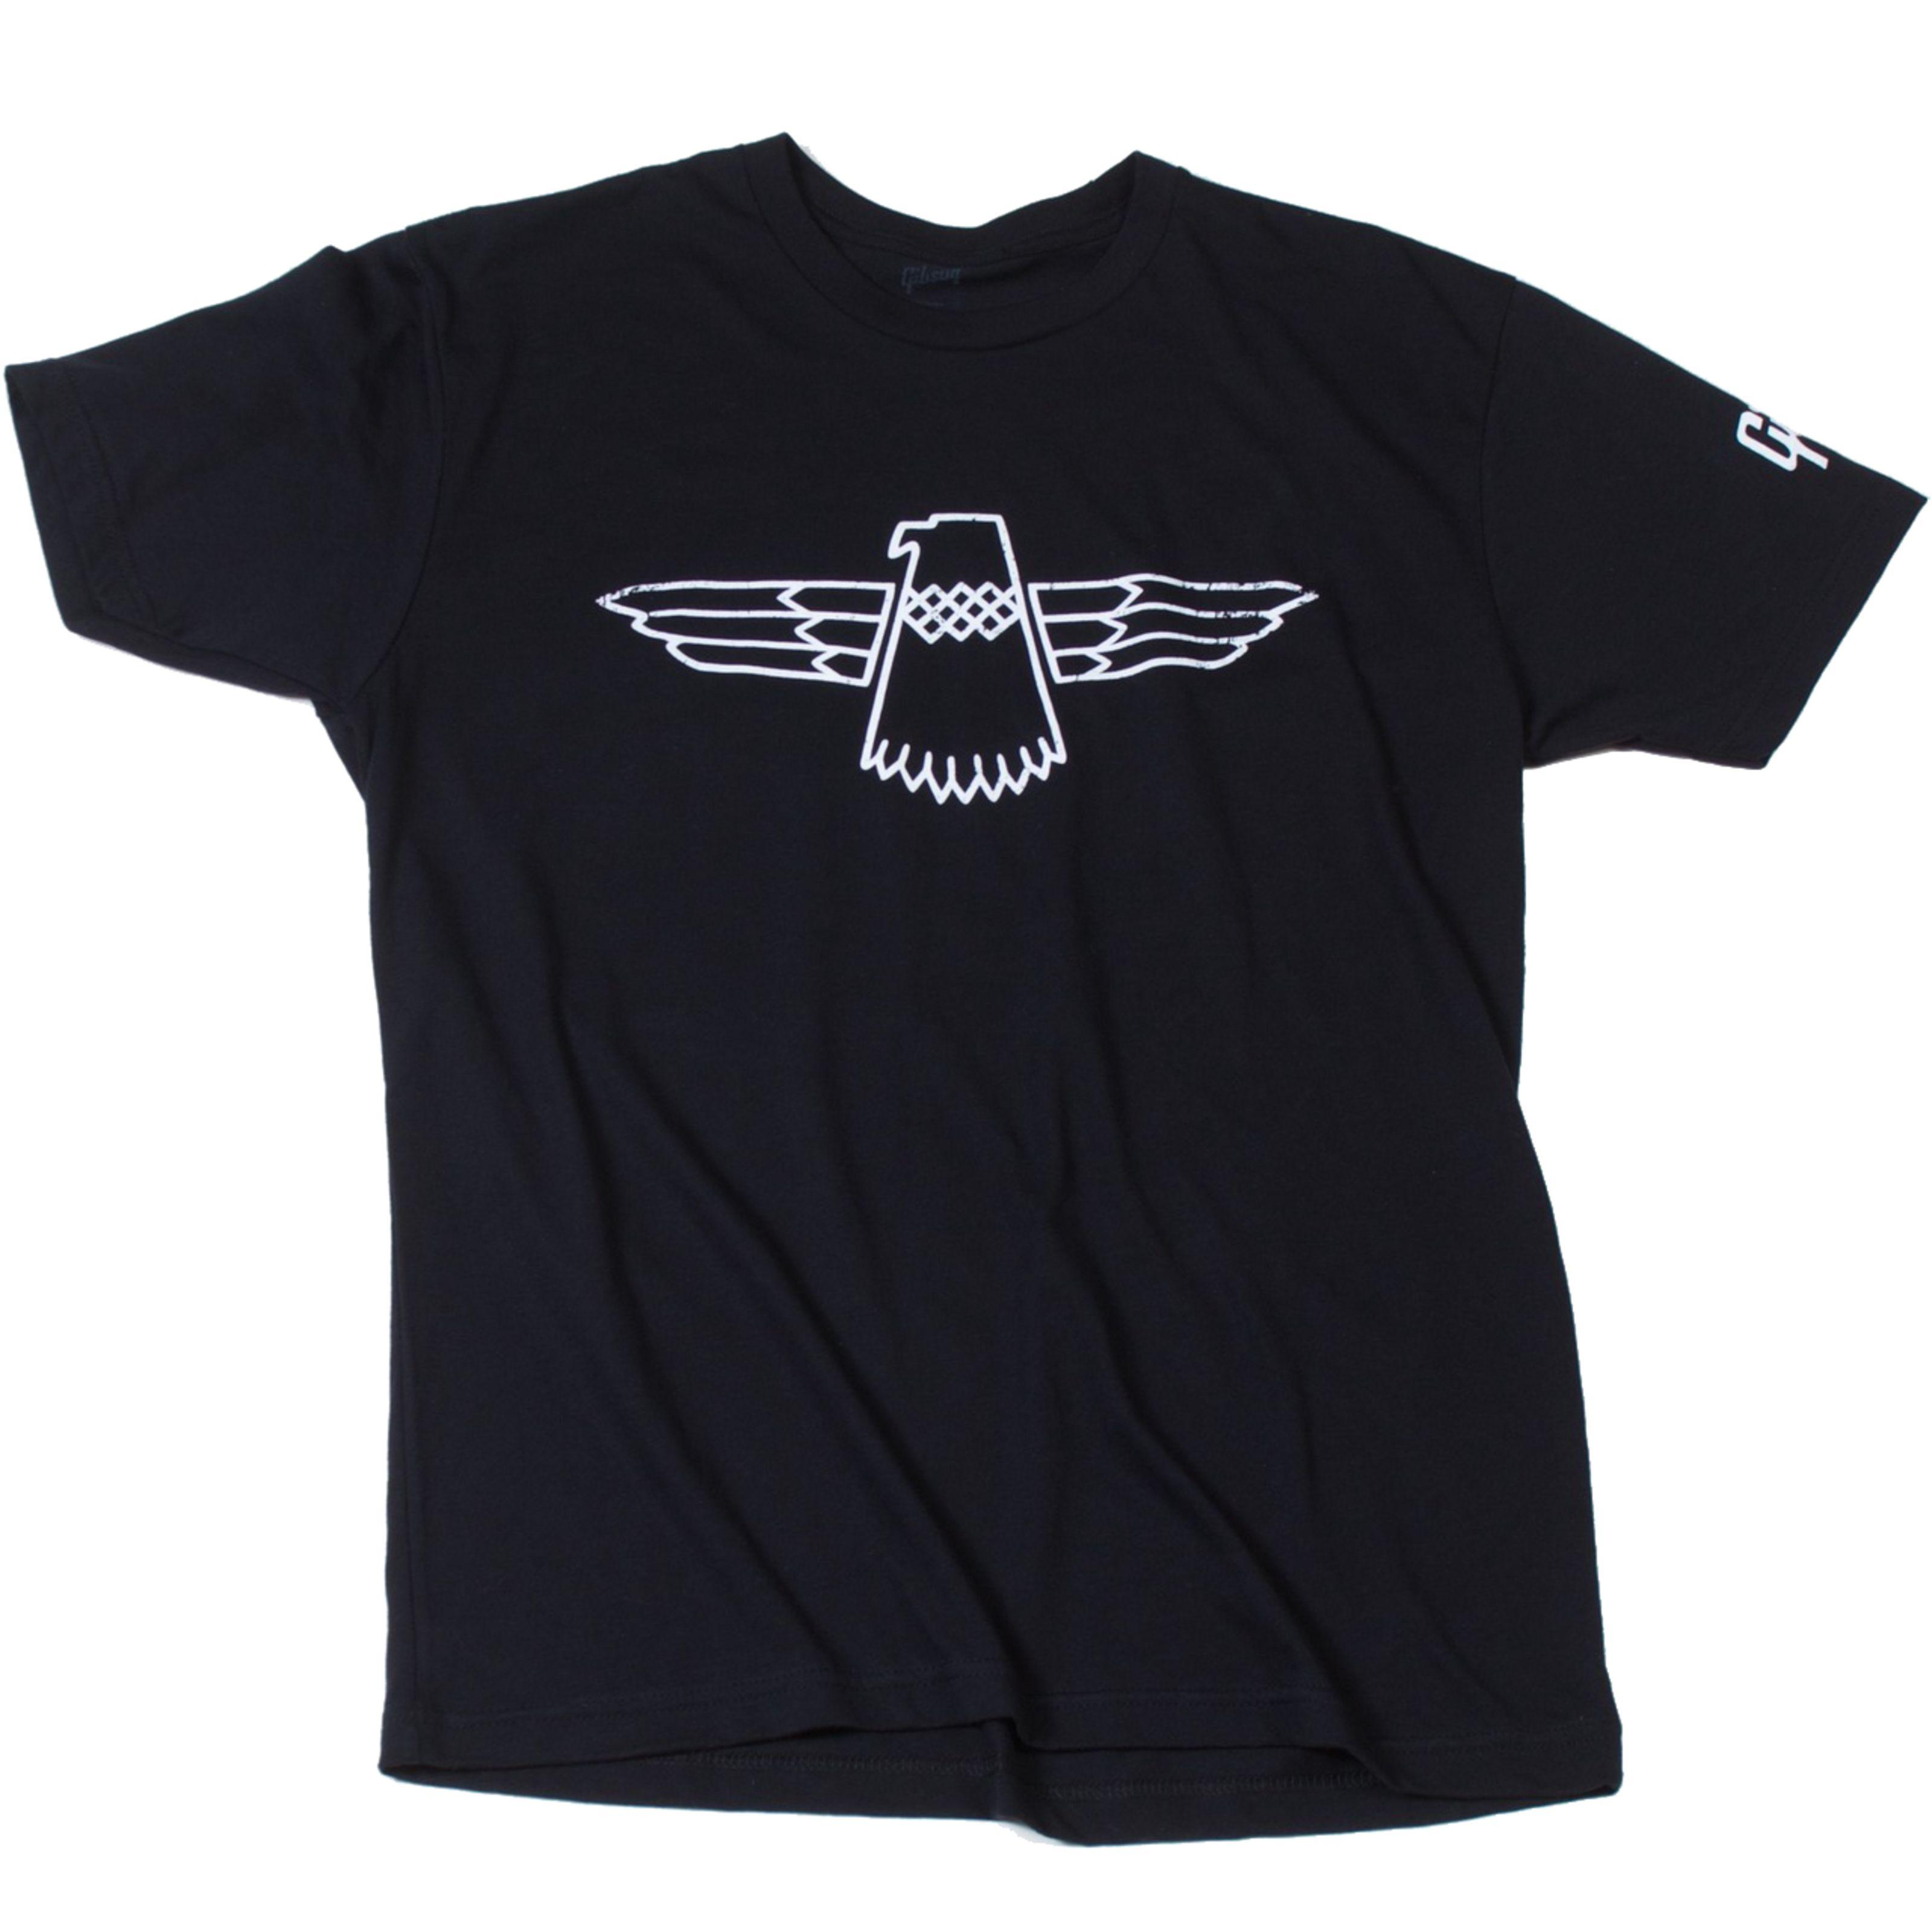 Gibson - Thunderbird T-Shirt XXL